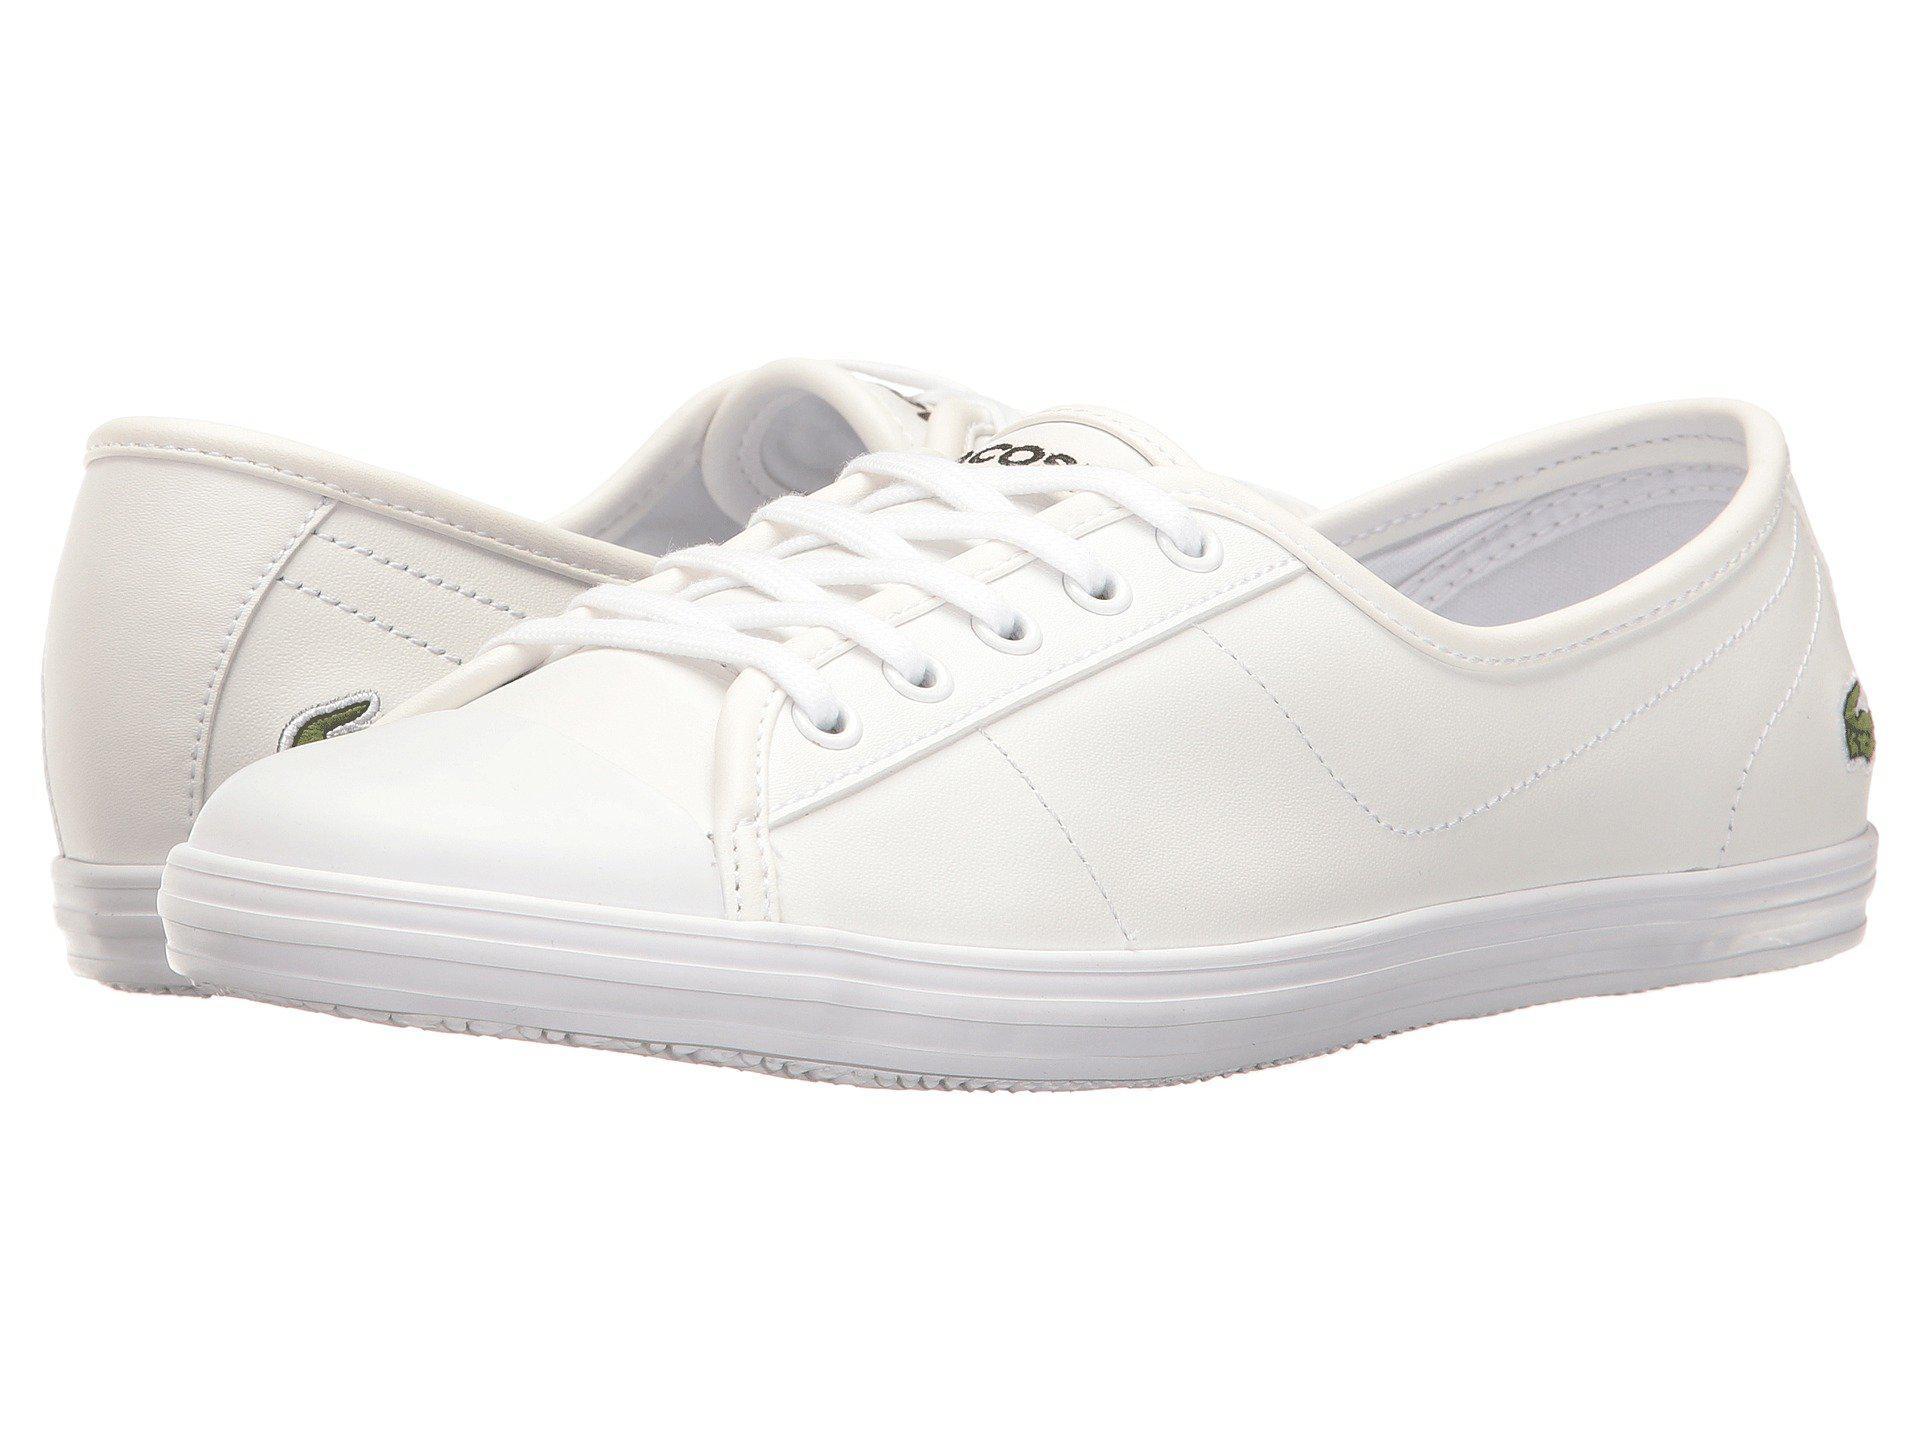 b67375829 Lyst - Lacoste Ziane Bl 1 (navy) Women s Shoes in White